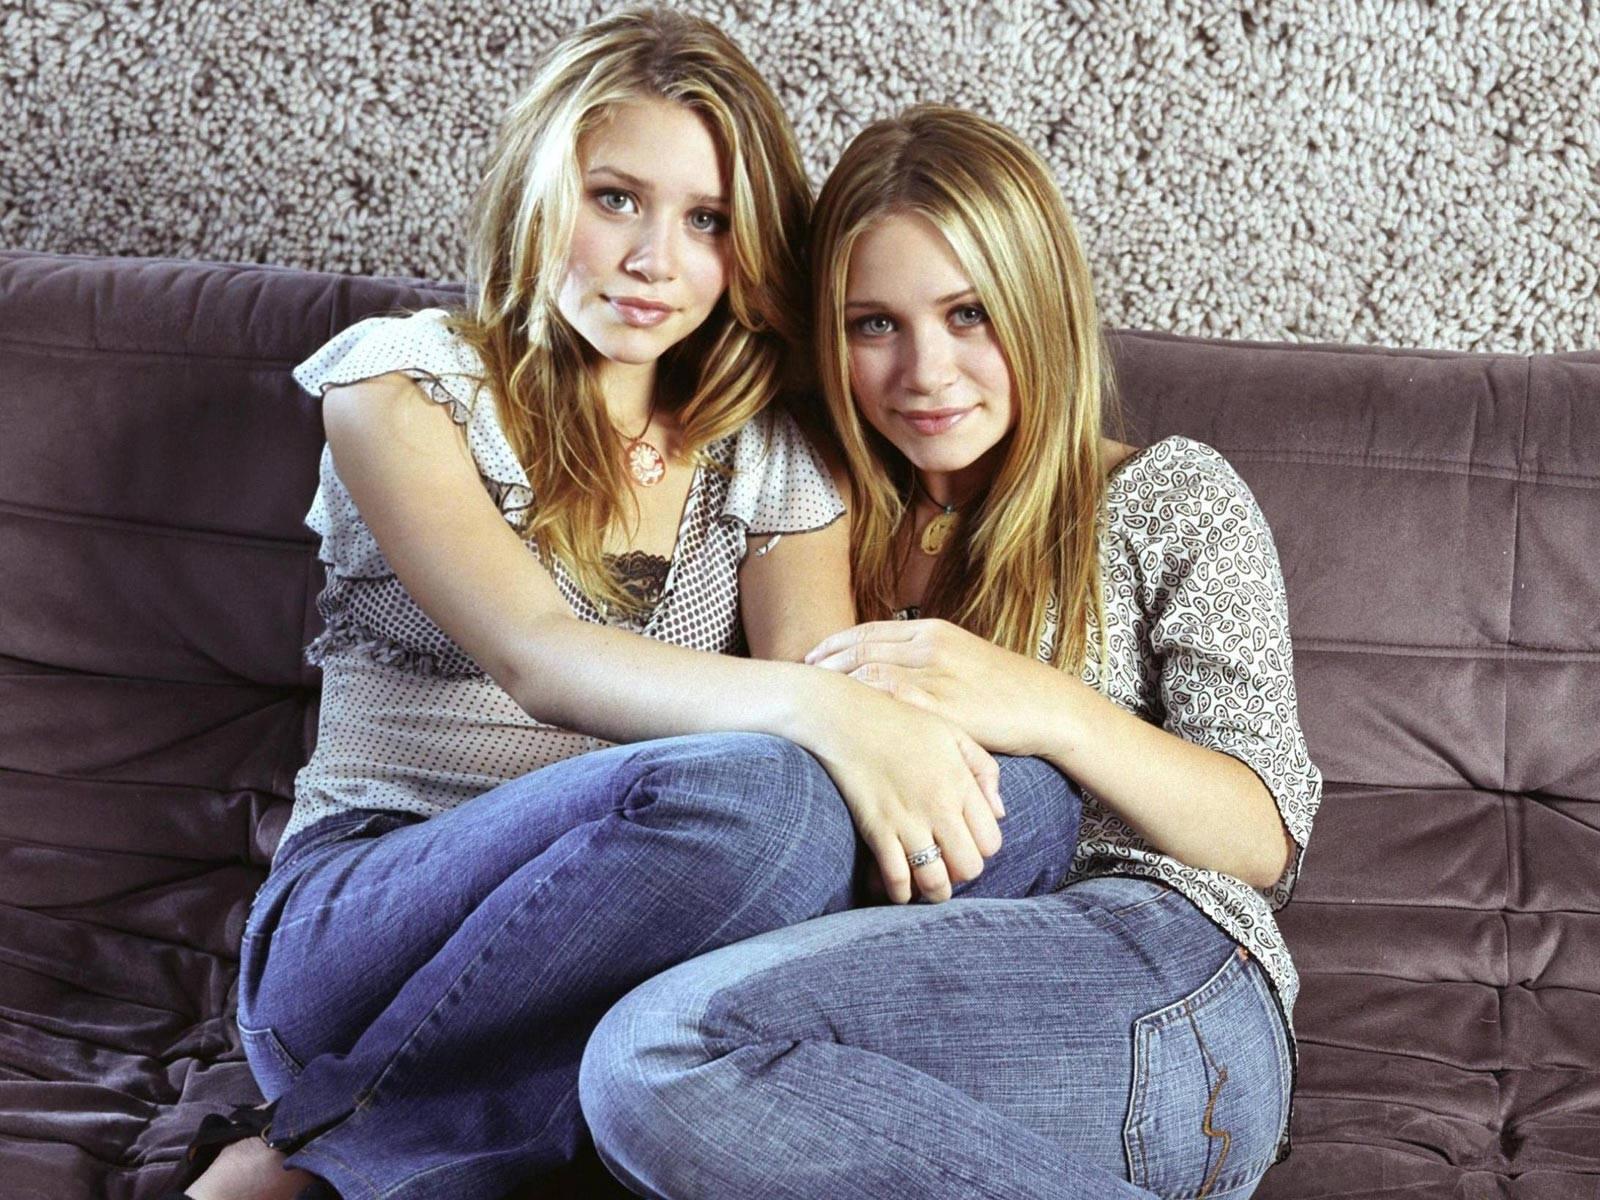 ... olsen-twins-hd-wallpapers ...